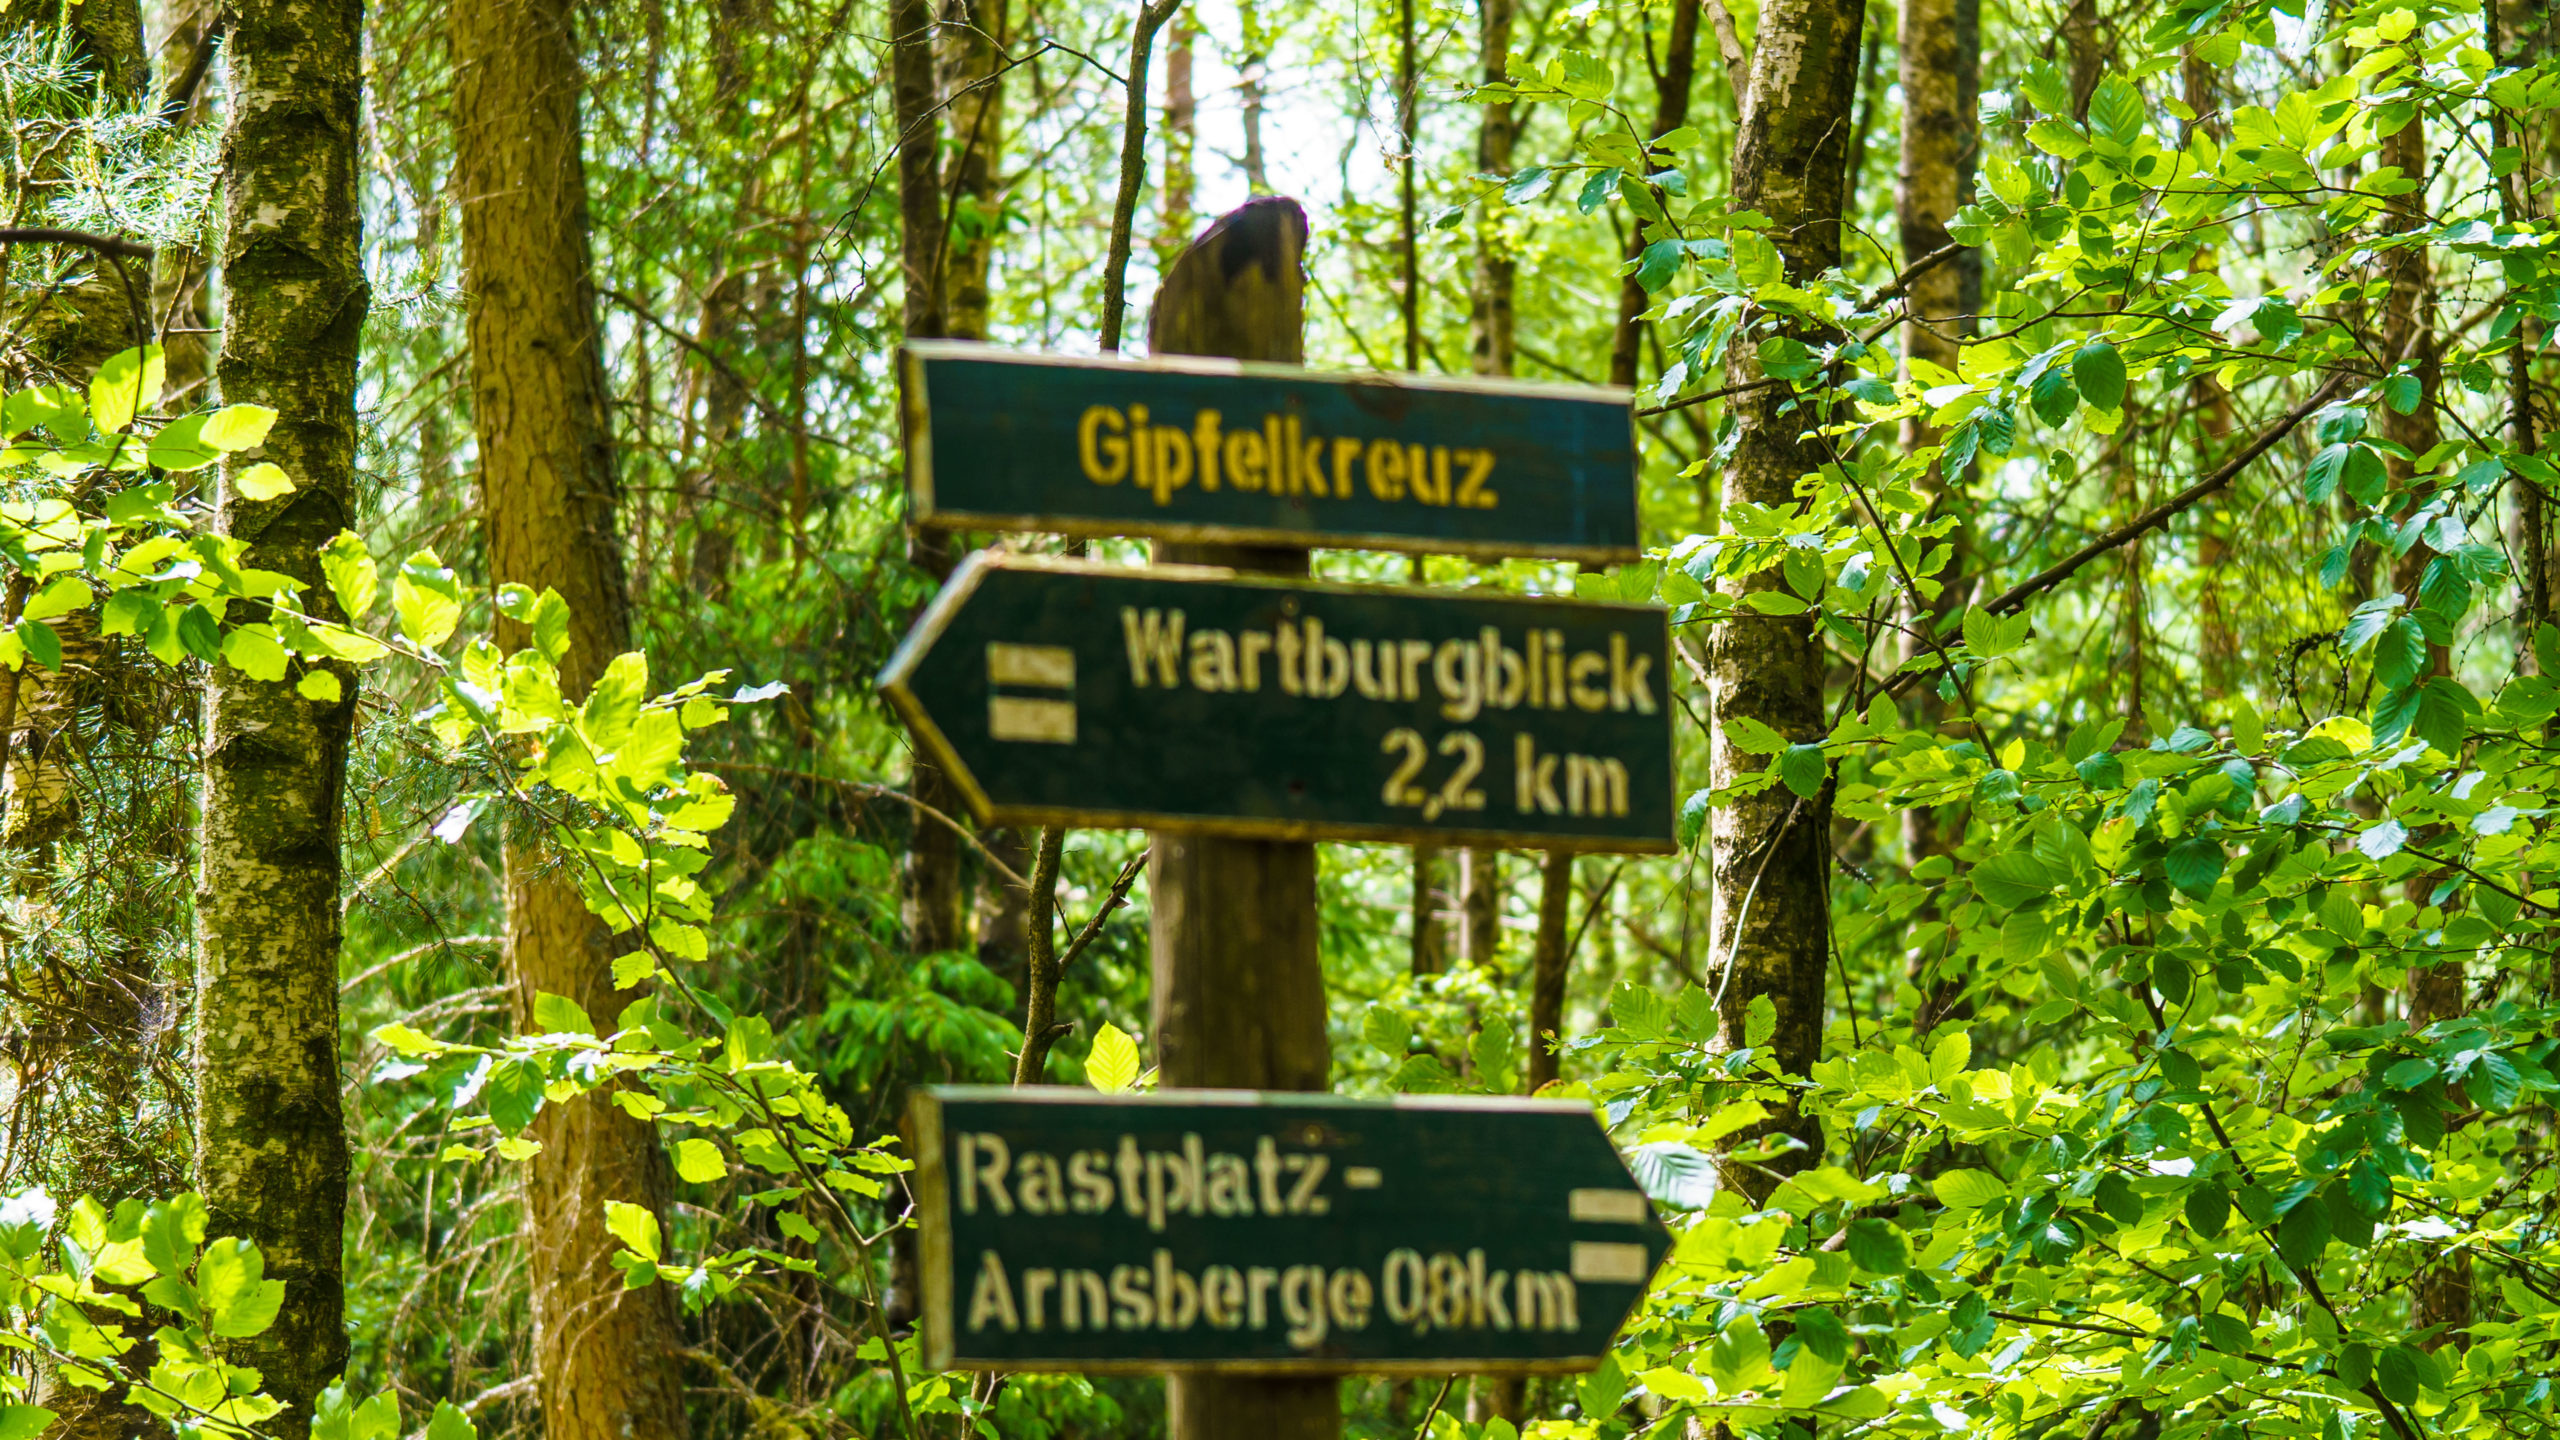 Grenzweg Gerstunger Forst, Gipfelkreuz am gemeinsamen Weg nahe Arnsberg